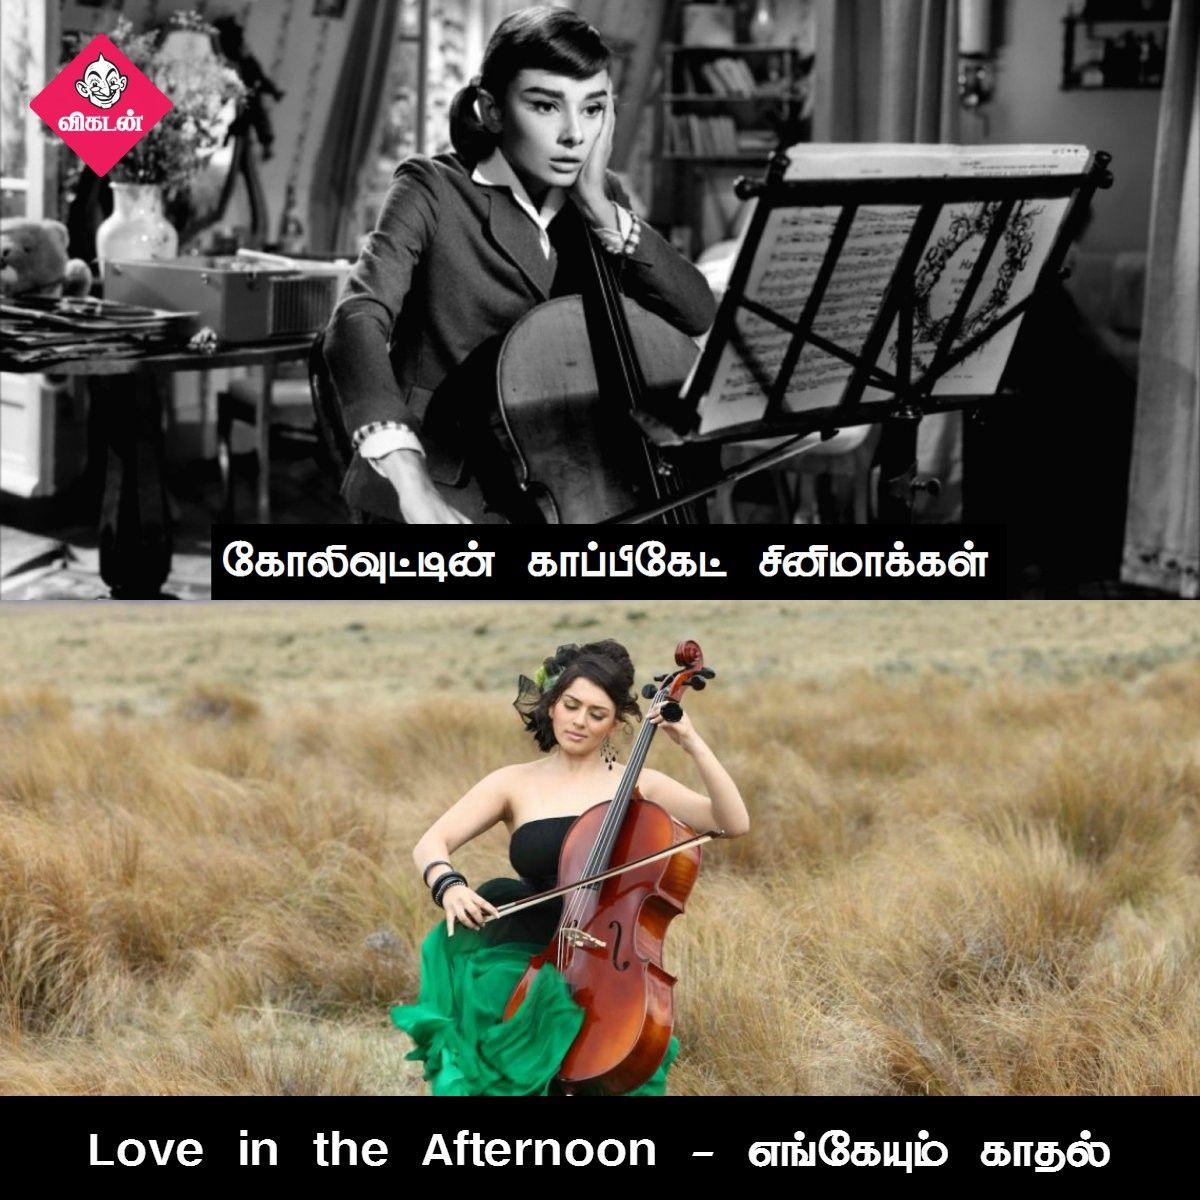 அன்பேசிவம் டு விருதகிரி வரை... கோலிவுட்டின் காப்பிகேட் படங்கள்! #VikatanPhotoCards